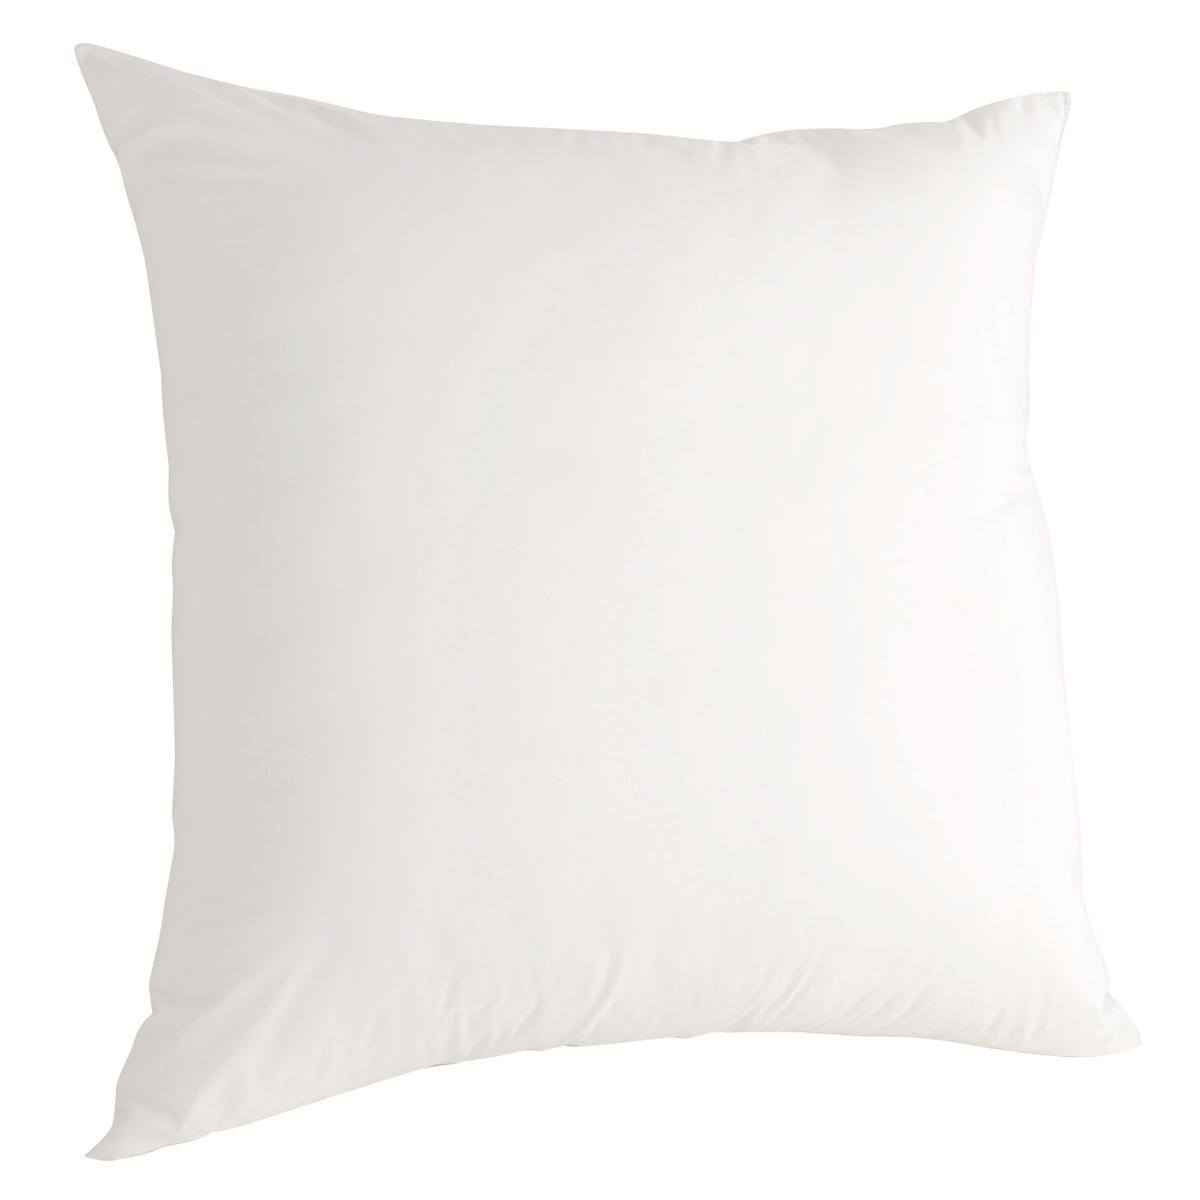 Taie Oreiller Unie Coton Forme Sac Blanc  Linge de lit   Tradition des vosges